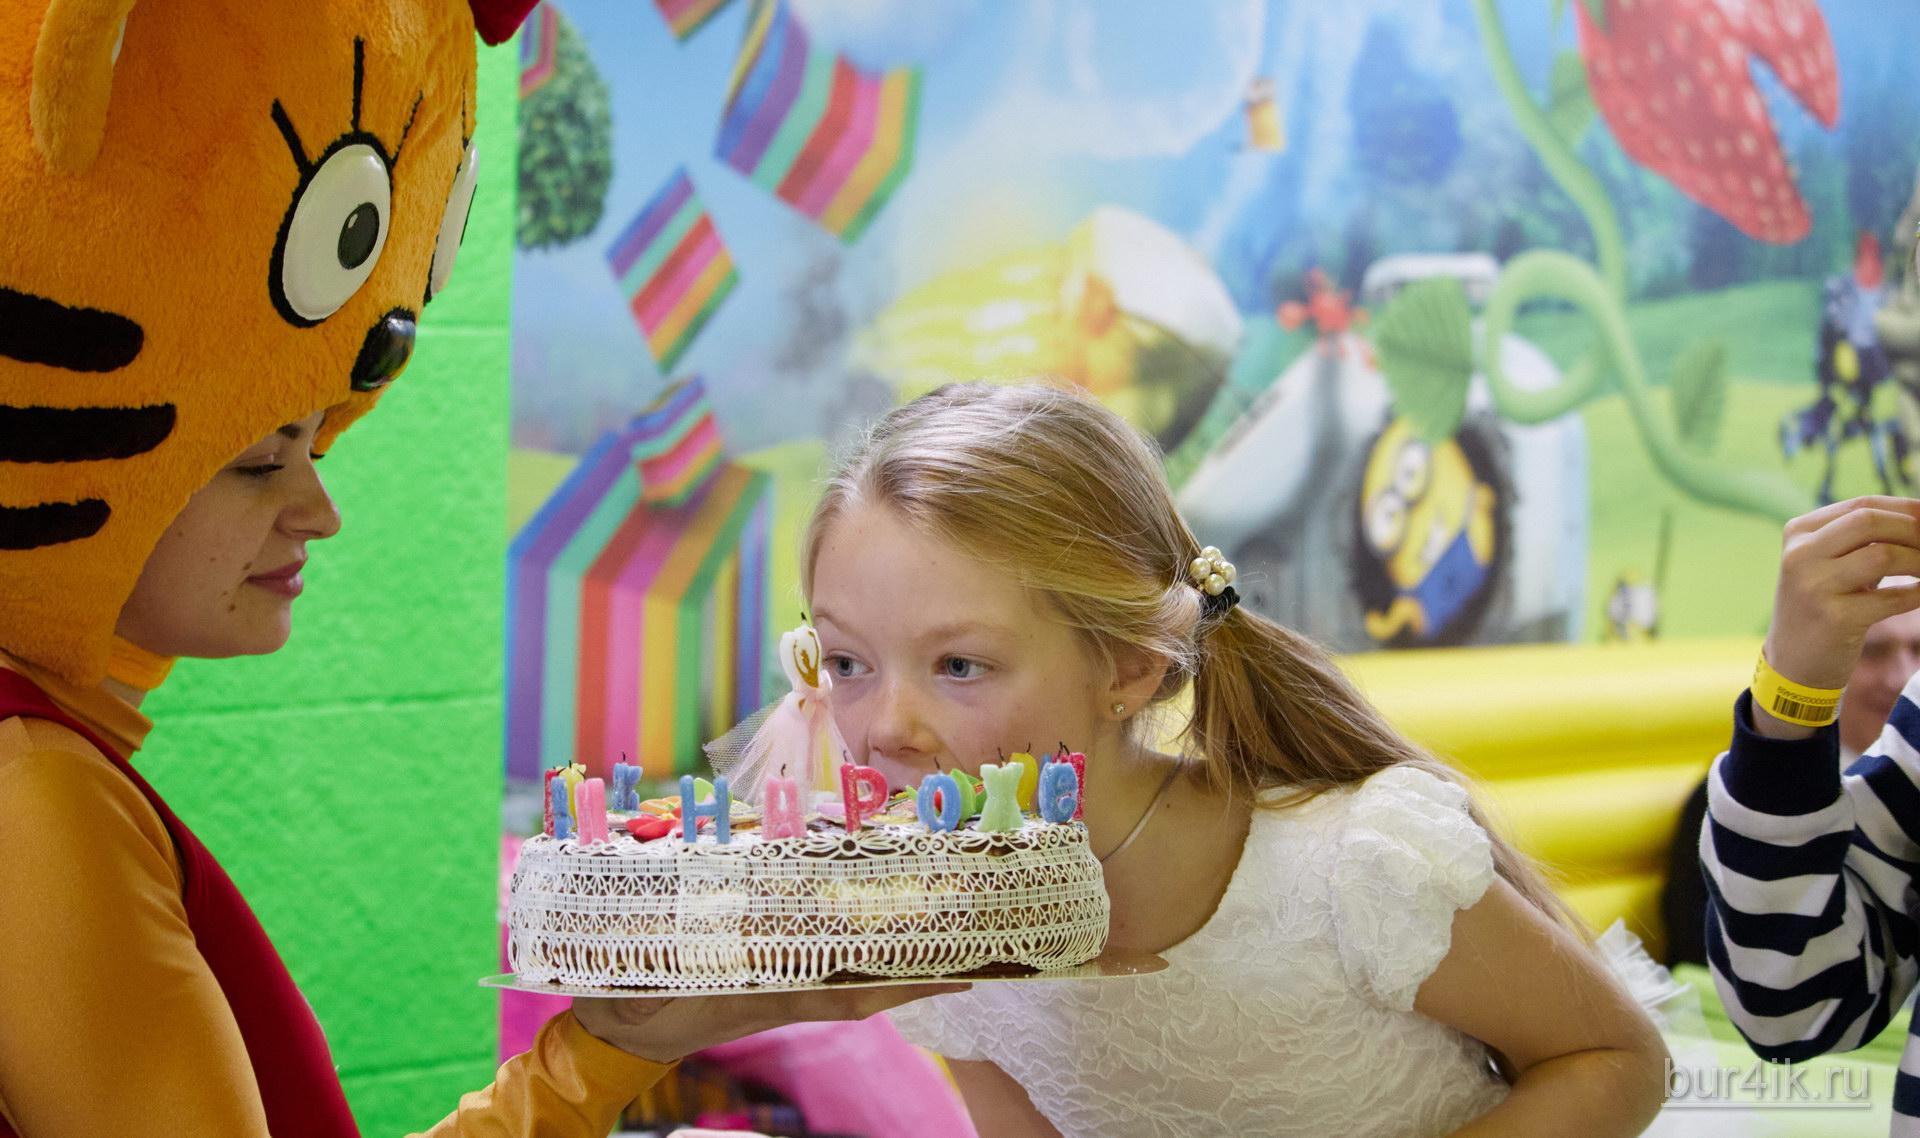 Фото Детское День Рождения в Детский Дворик 15.01.2020 №245 -photo- bur4ik.ru